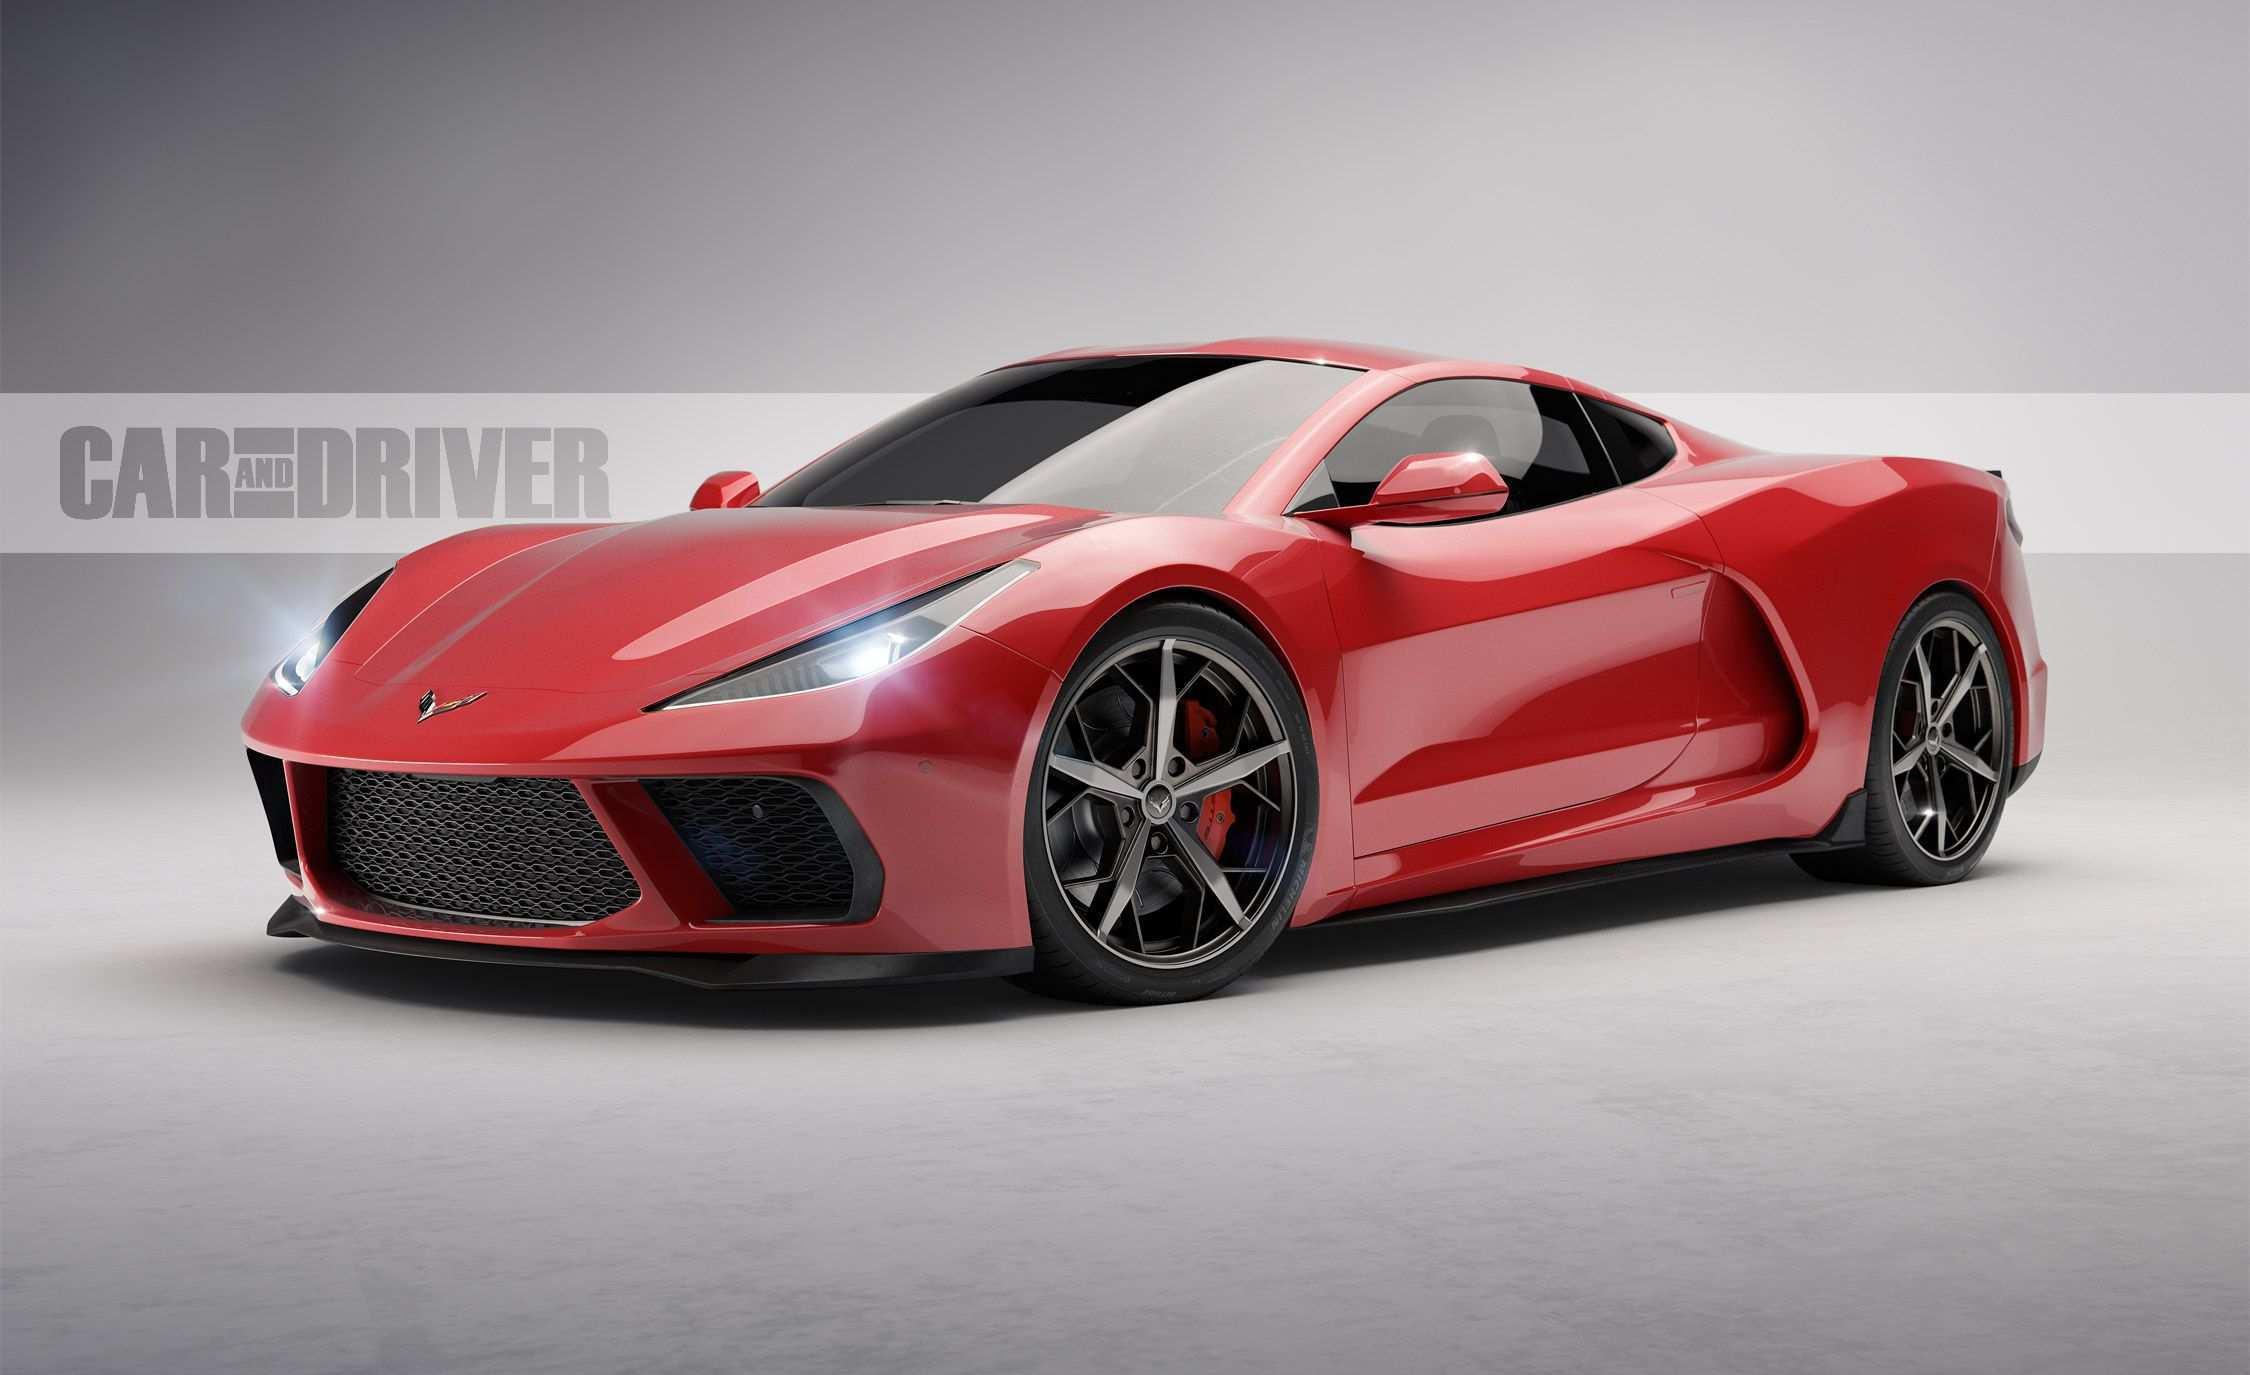 85 Great 2020 Corvette Z07 Images with 2020 Corvette Z07